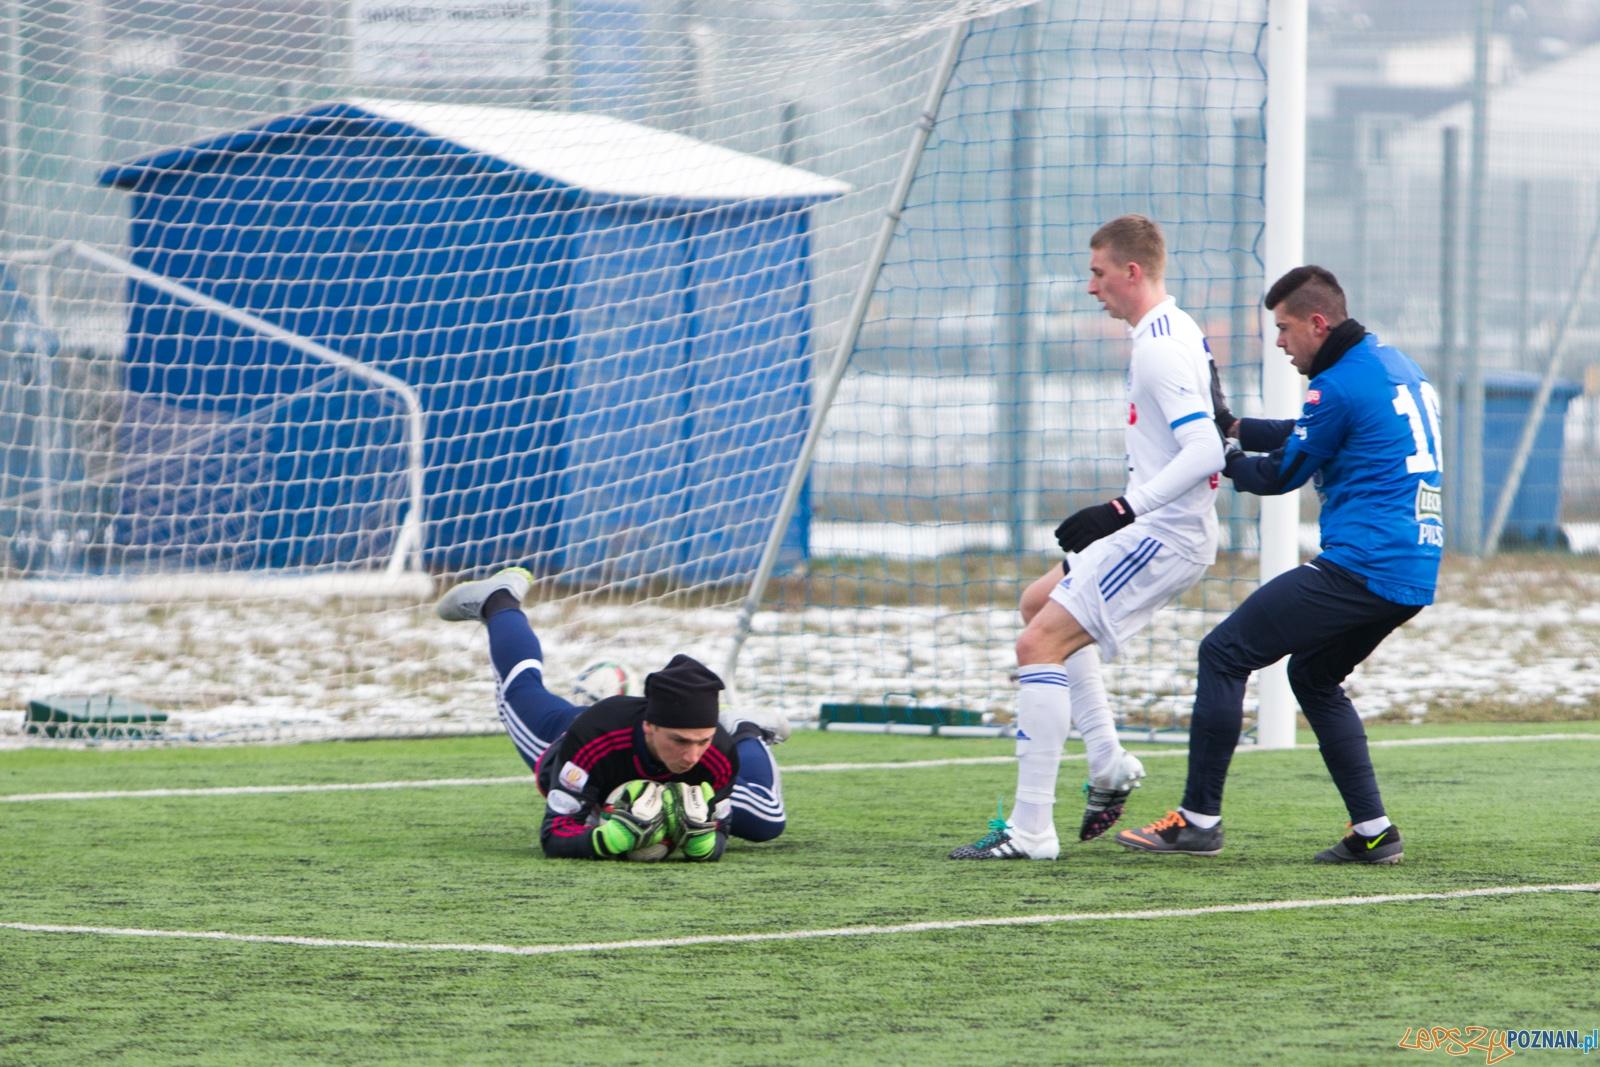 Mecz kontrolny: Lech Poznań - Wigry Suwałki  Foto: lepszyPOZNAN.pl / Piotr Rychter